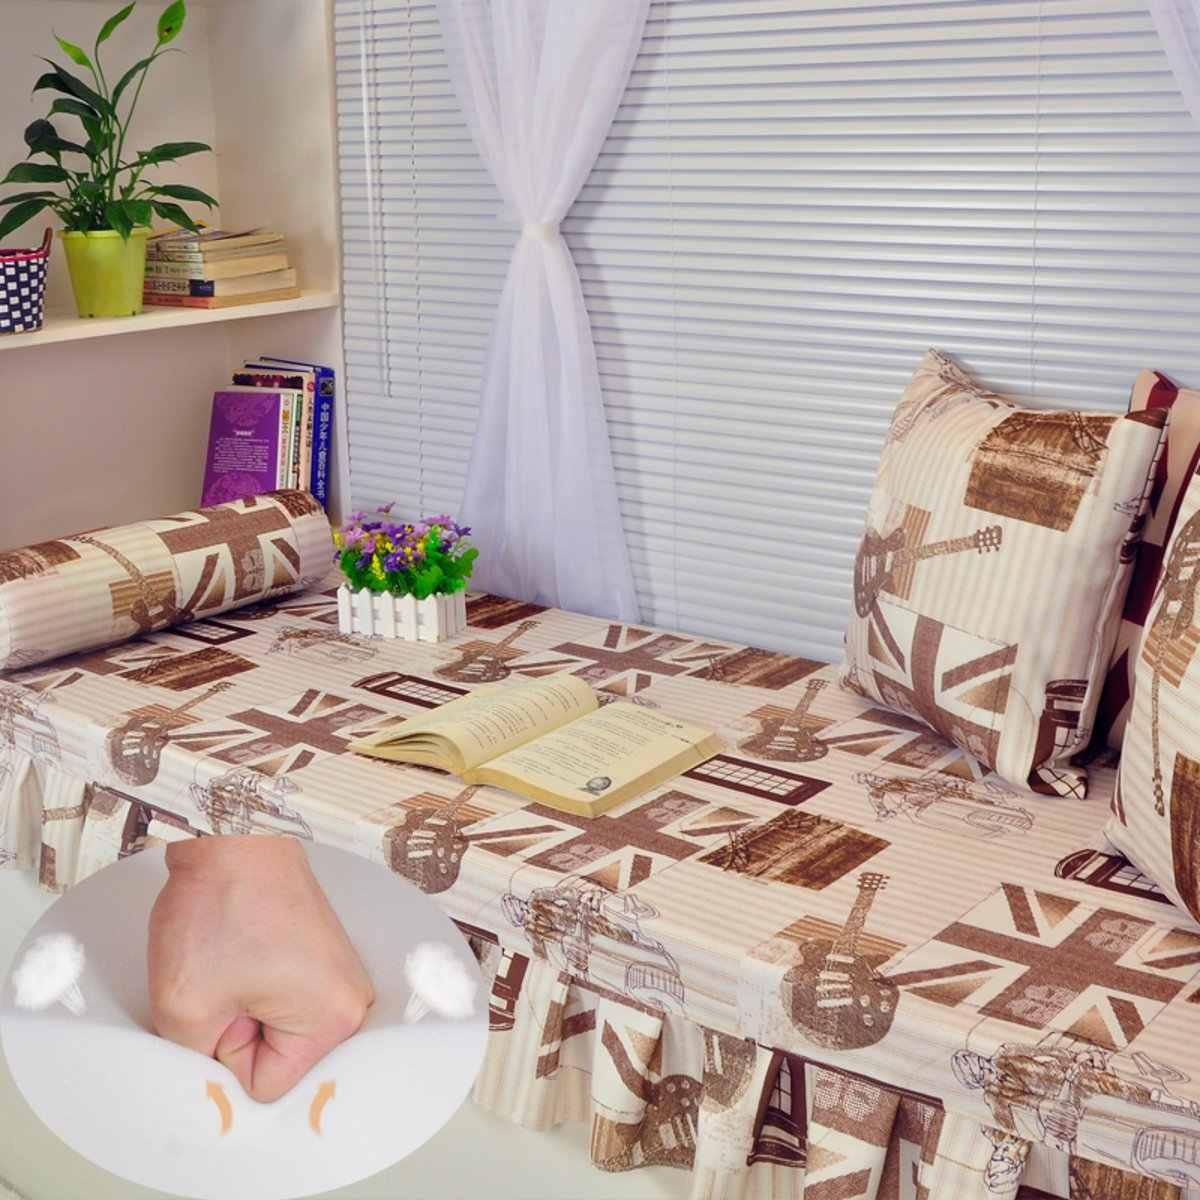 71x24 Pollici Ad Alta Densità di Schiuma Cuscino del Sedile di Ricambio Tappezzeria Firm Pad Eco-Friendly Divano Schiuma Pad Copriletto 0.5/ 1/2 pollici di Altezza